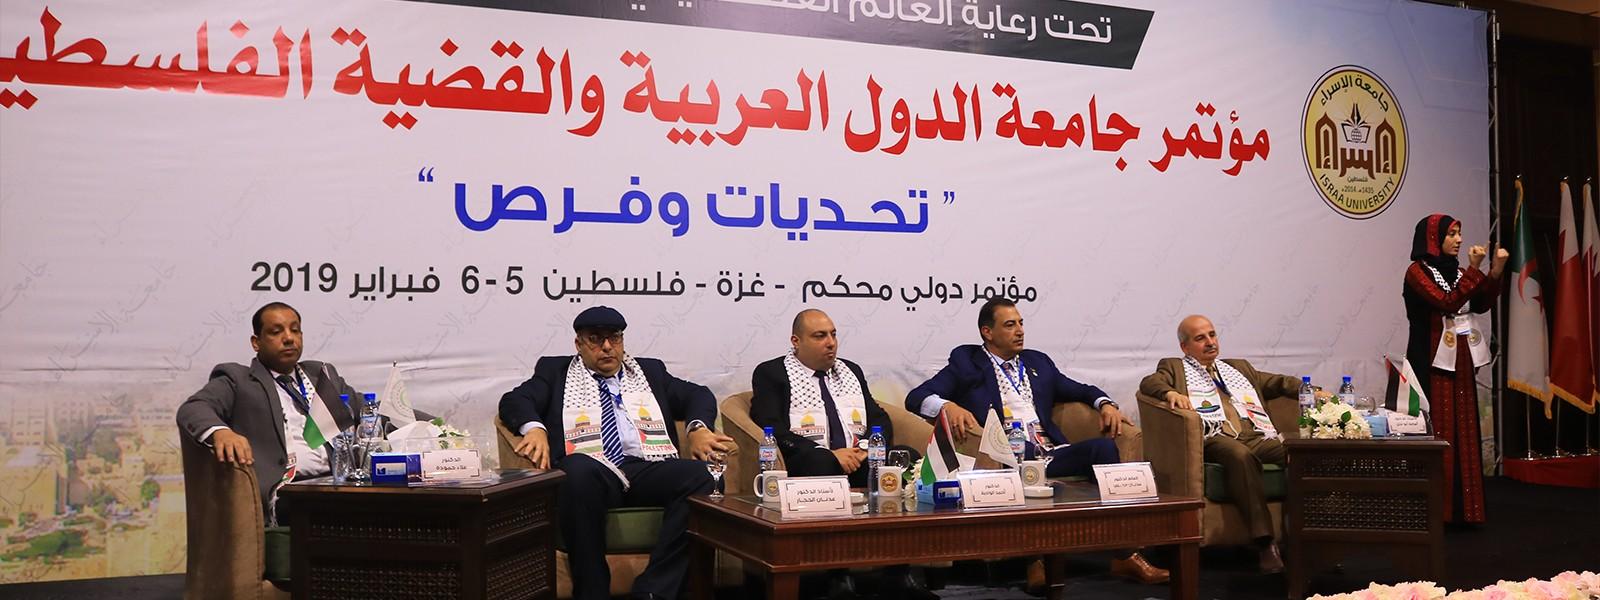 الجلسة الإفتتاحية لمؤتمر جامعة الدول العربية والقضية الفلسطينية تحديات وفرص